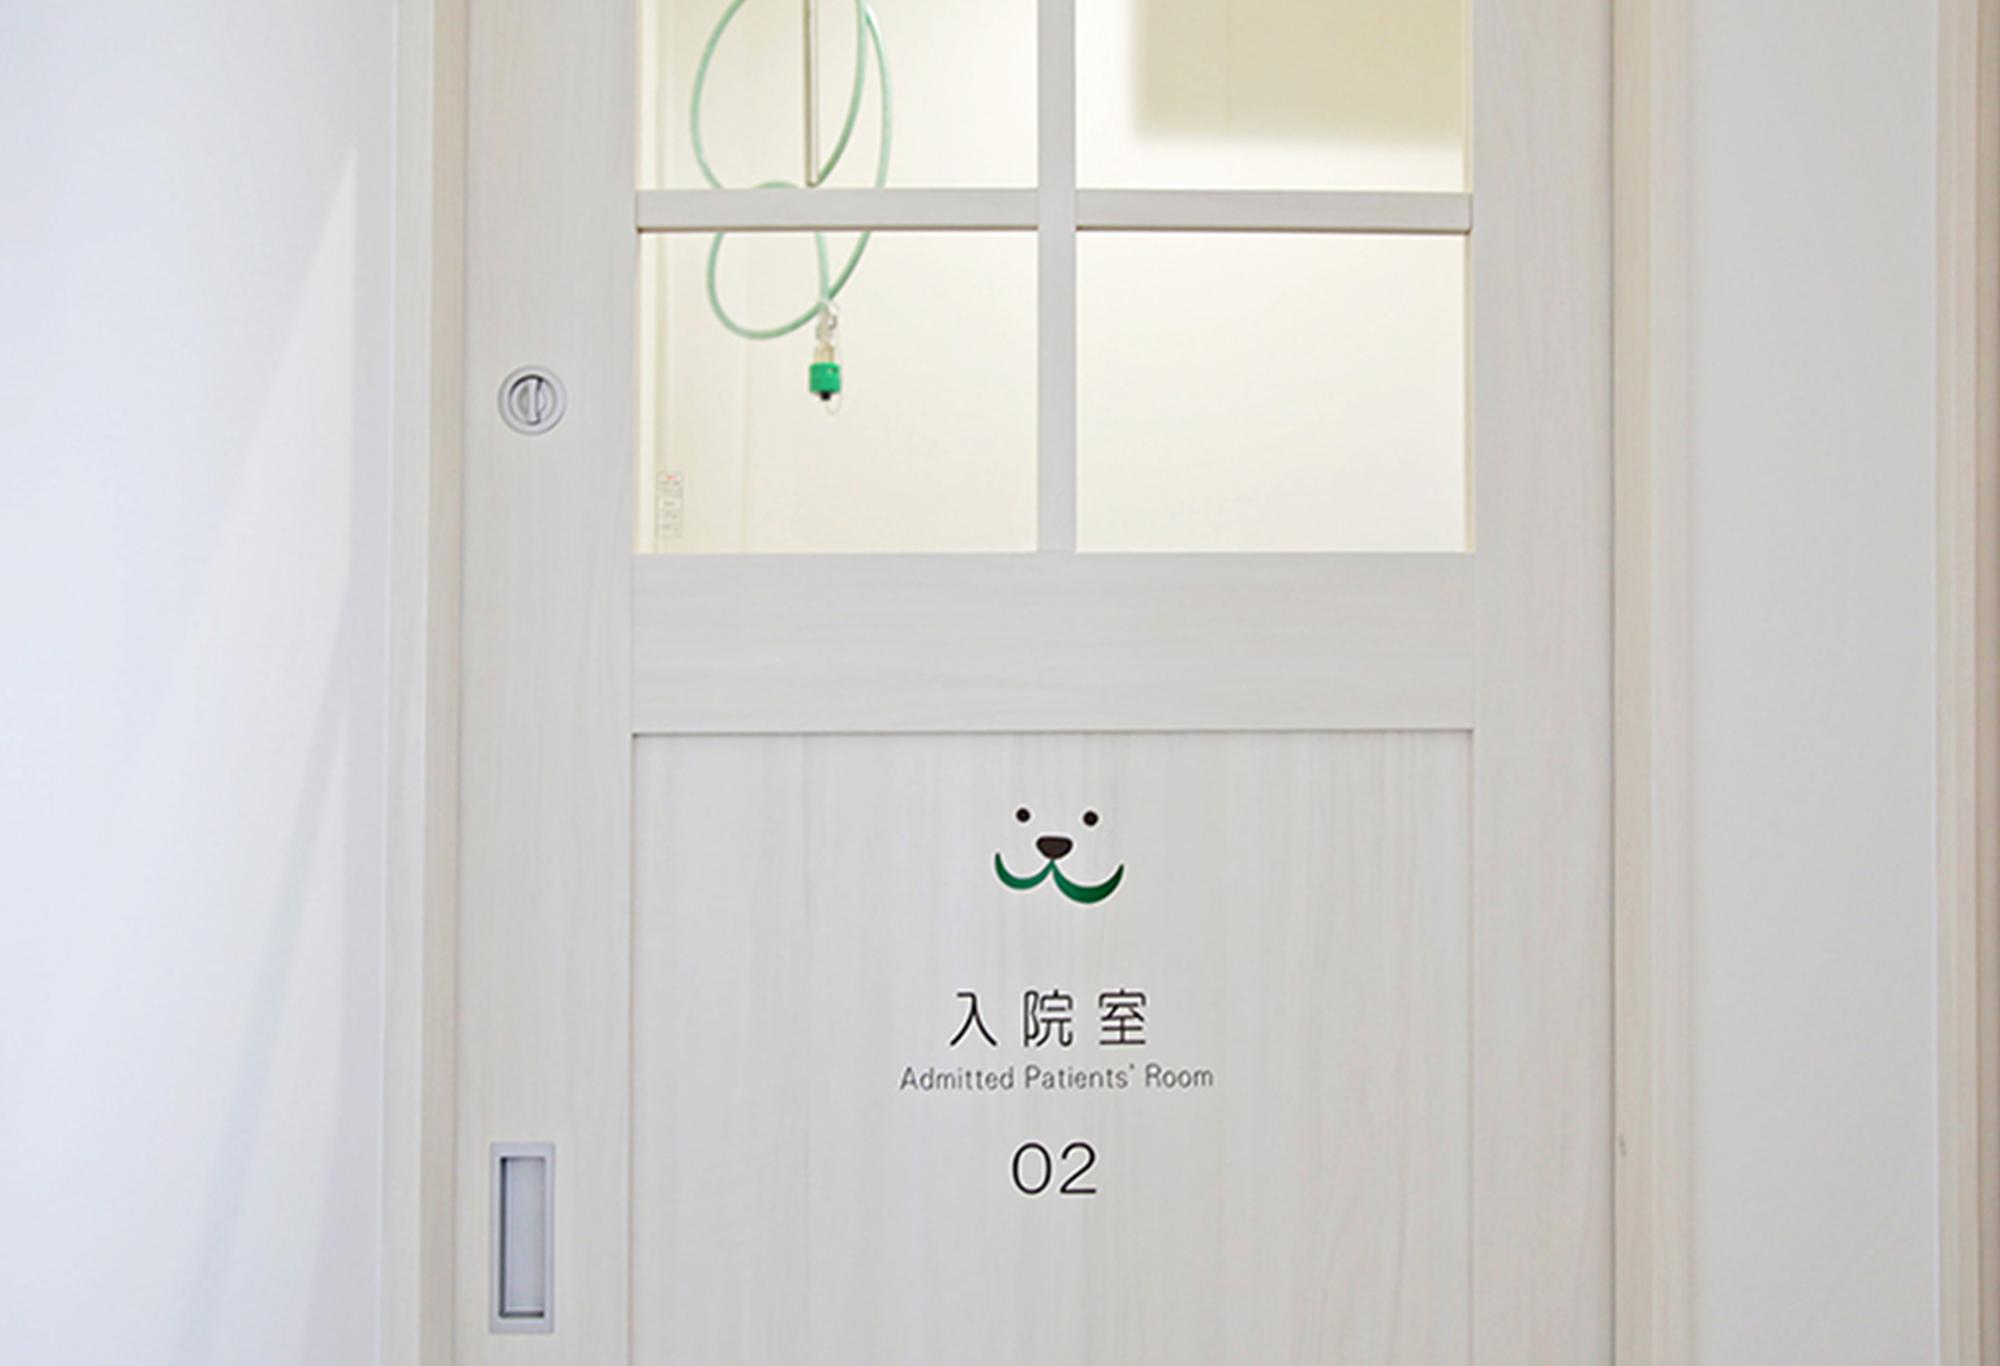 【第2入院室】<br /> 臆病な子や猫ちゃんのために、静かな第2入院室もご用意しています。